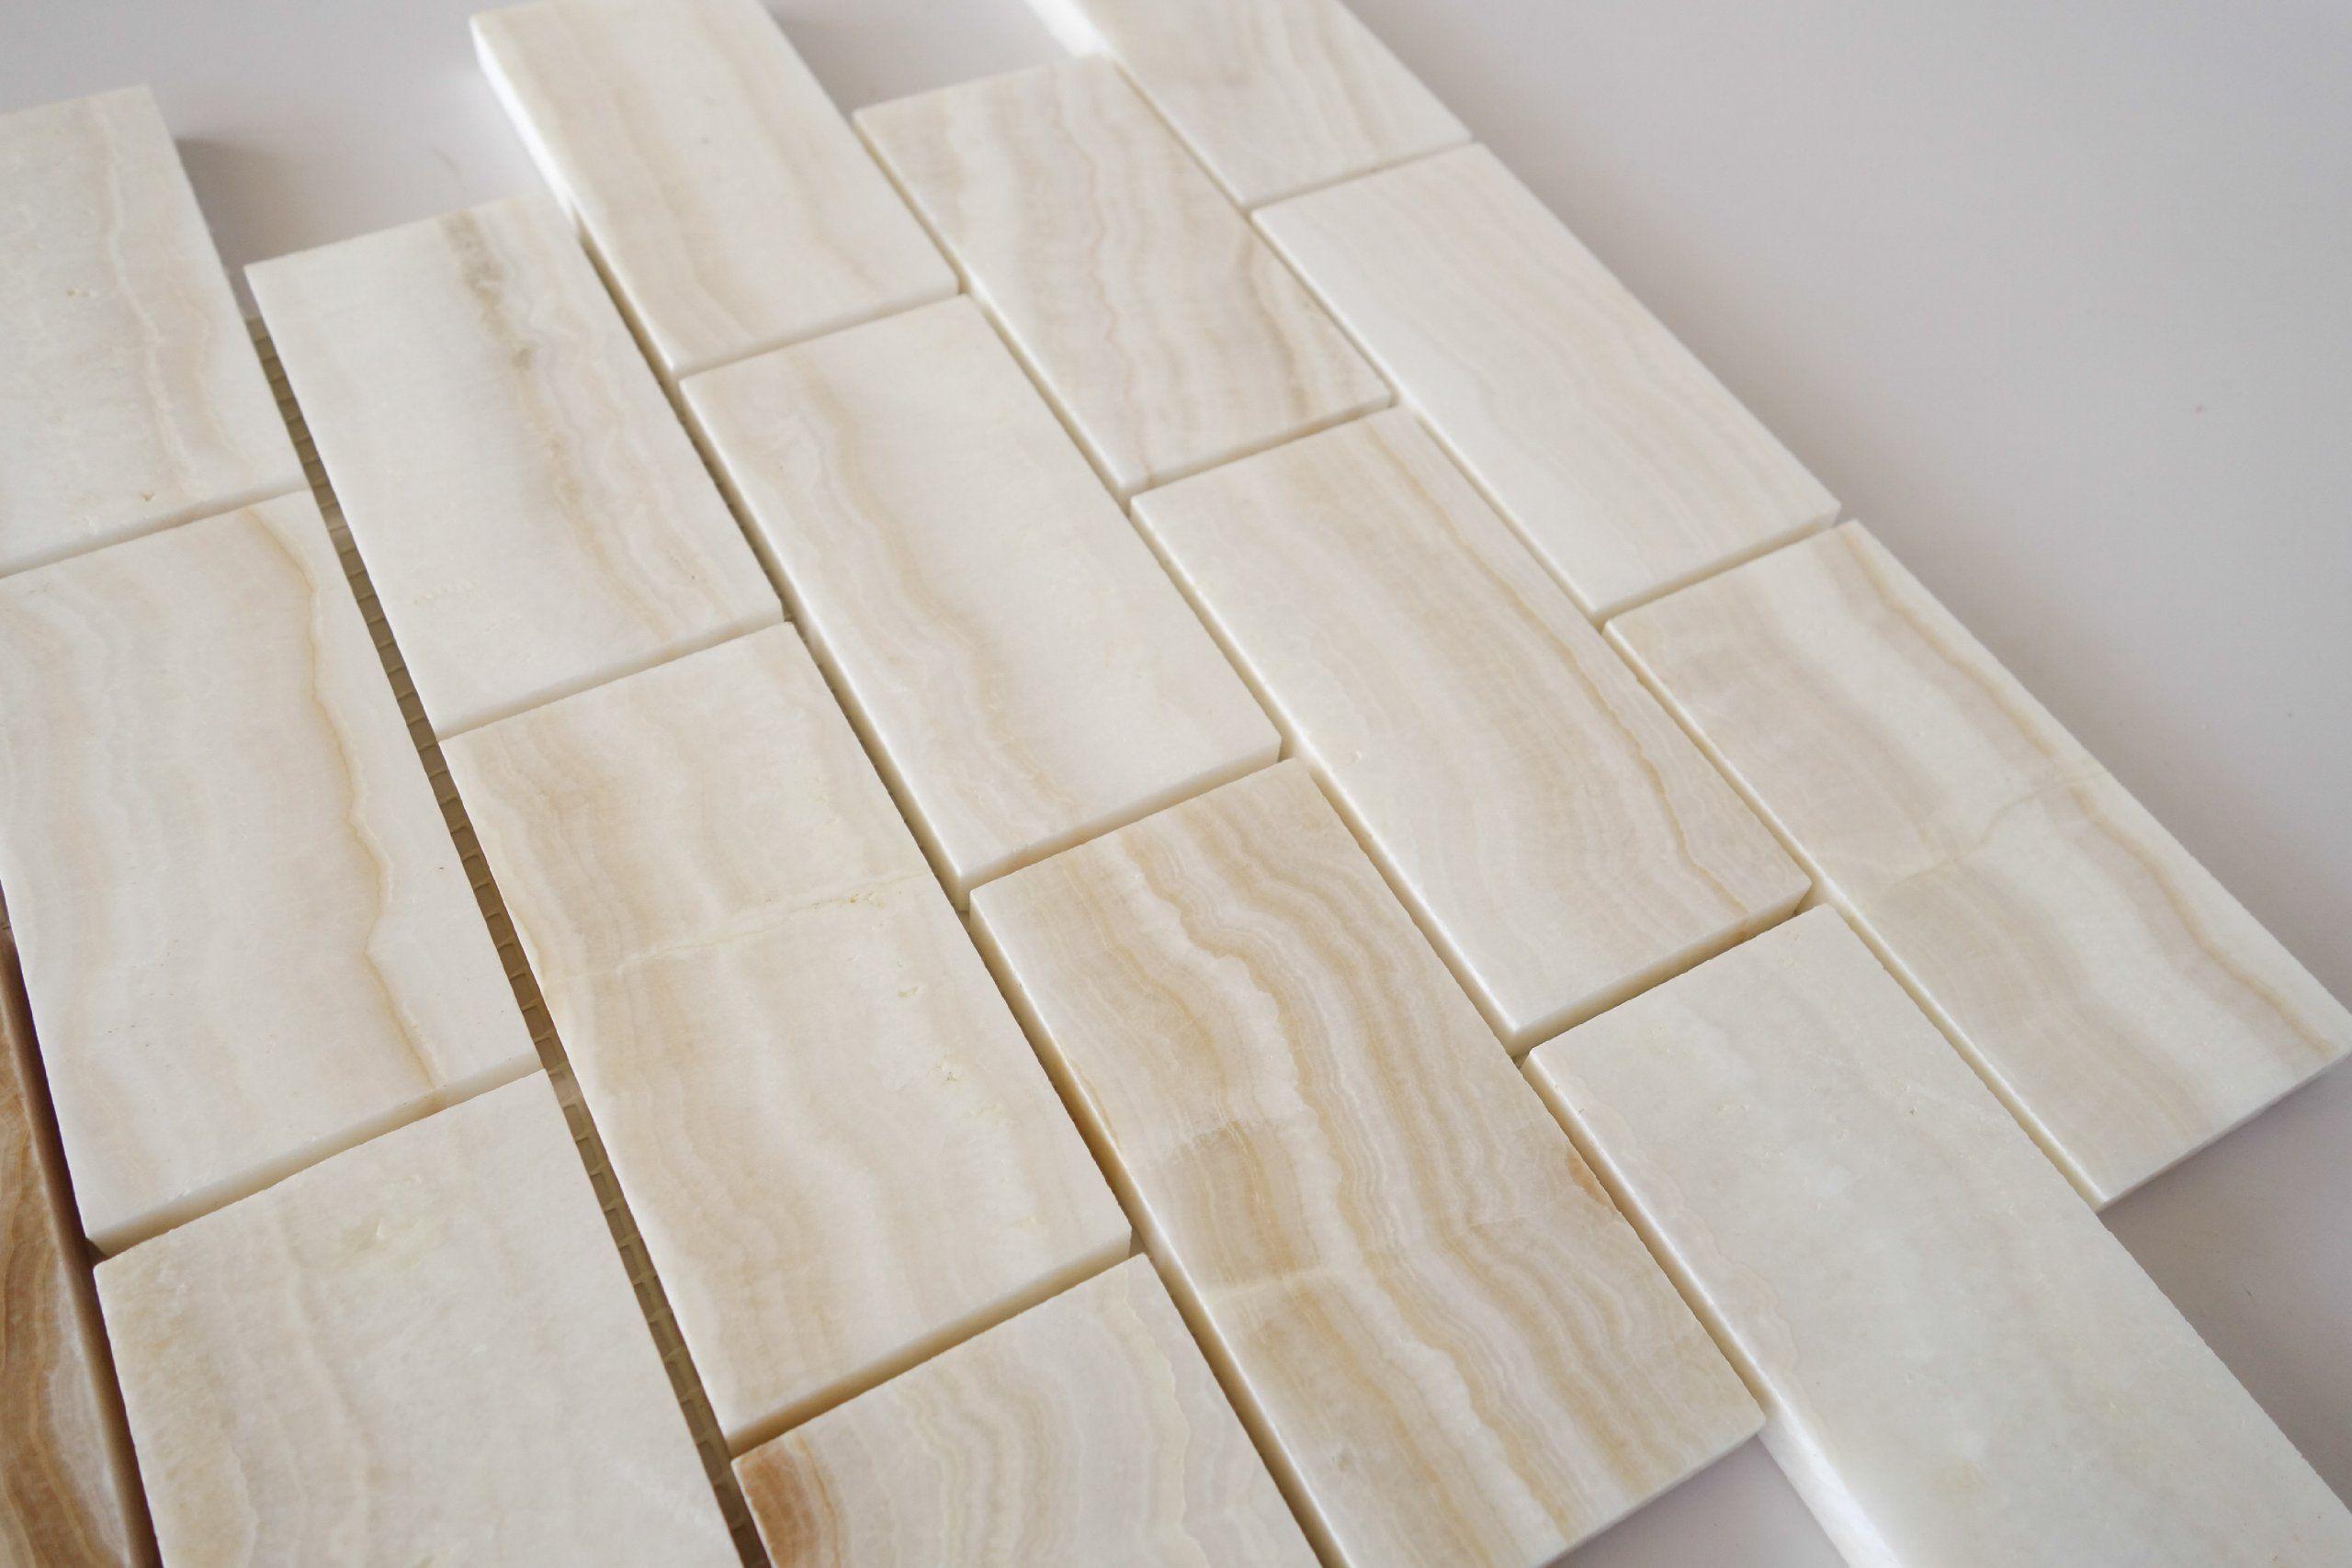 4x4 Sample Of 2x4 White Onyx Subway Polished Tiles On 12x12 Sheet